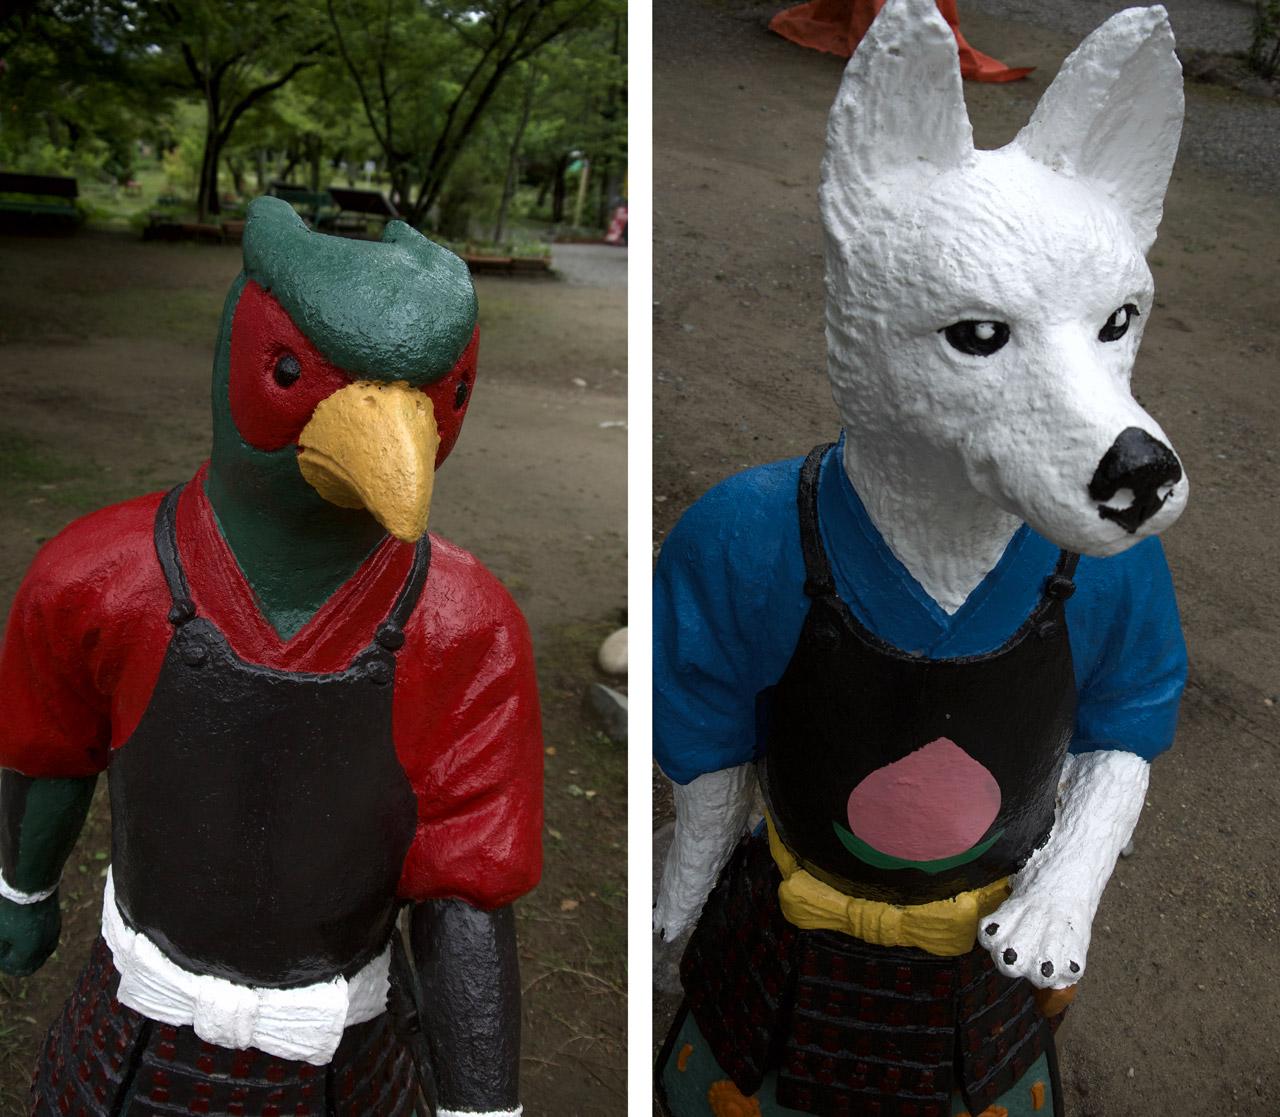 momotaro dog and pheasant sculptures